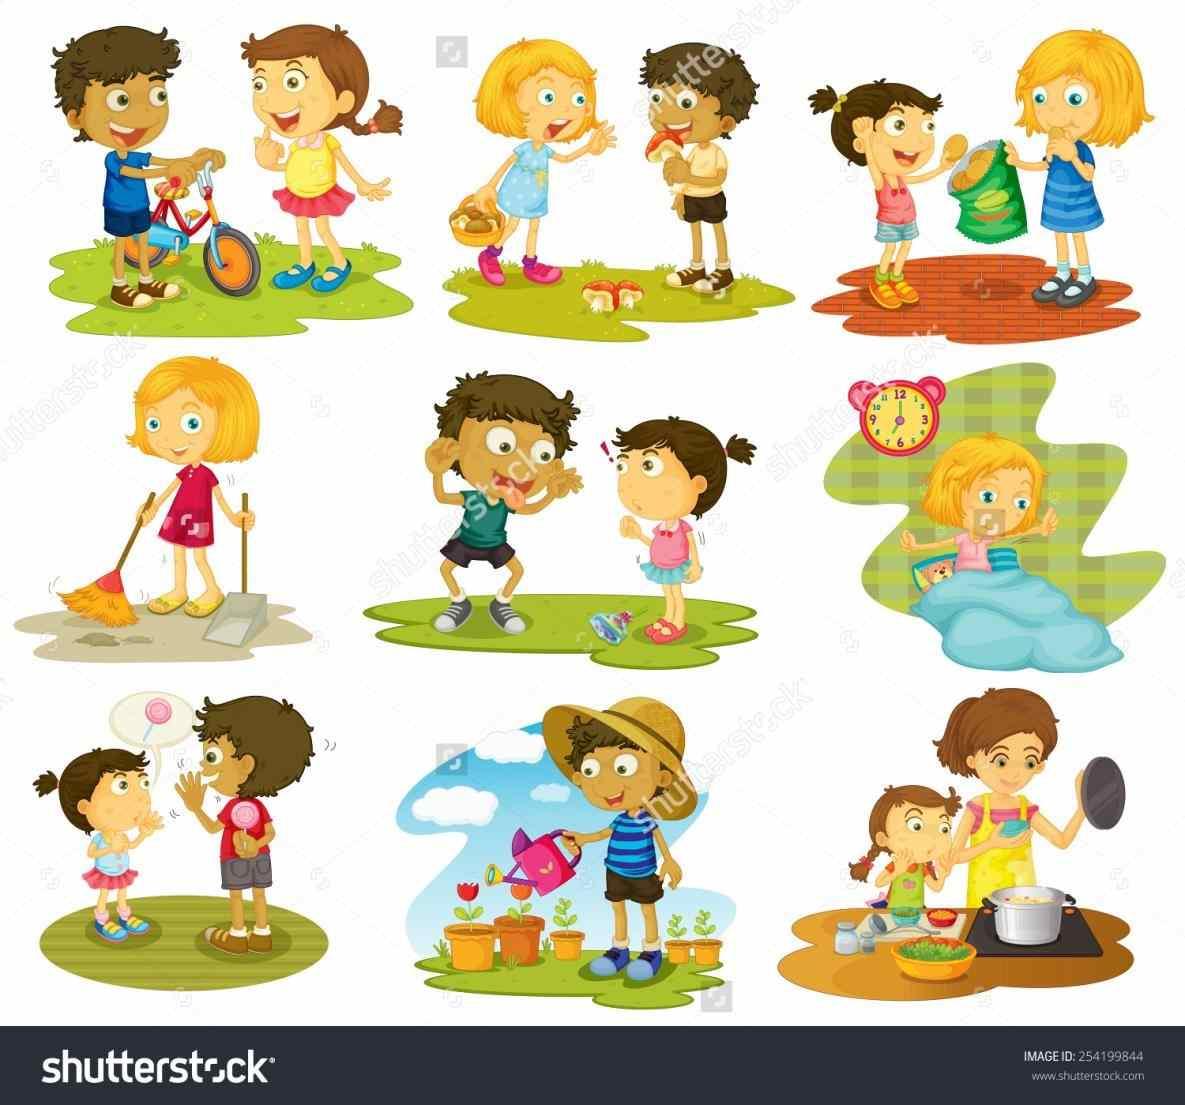 Activities clipart preschool. Download clip art pack